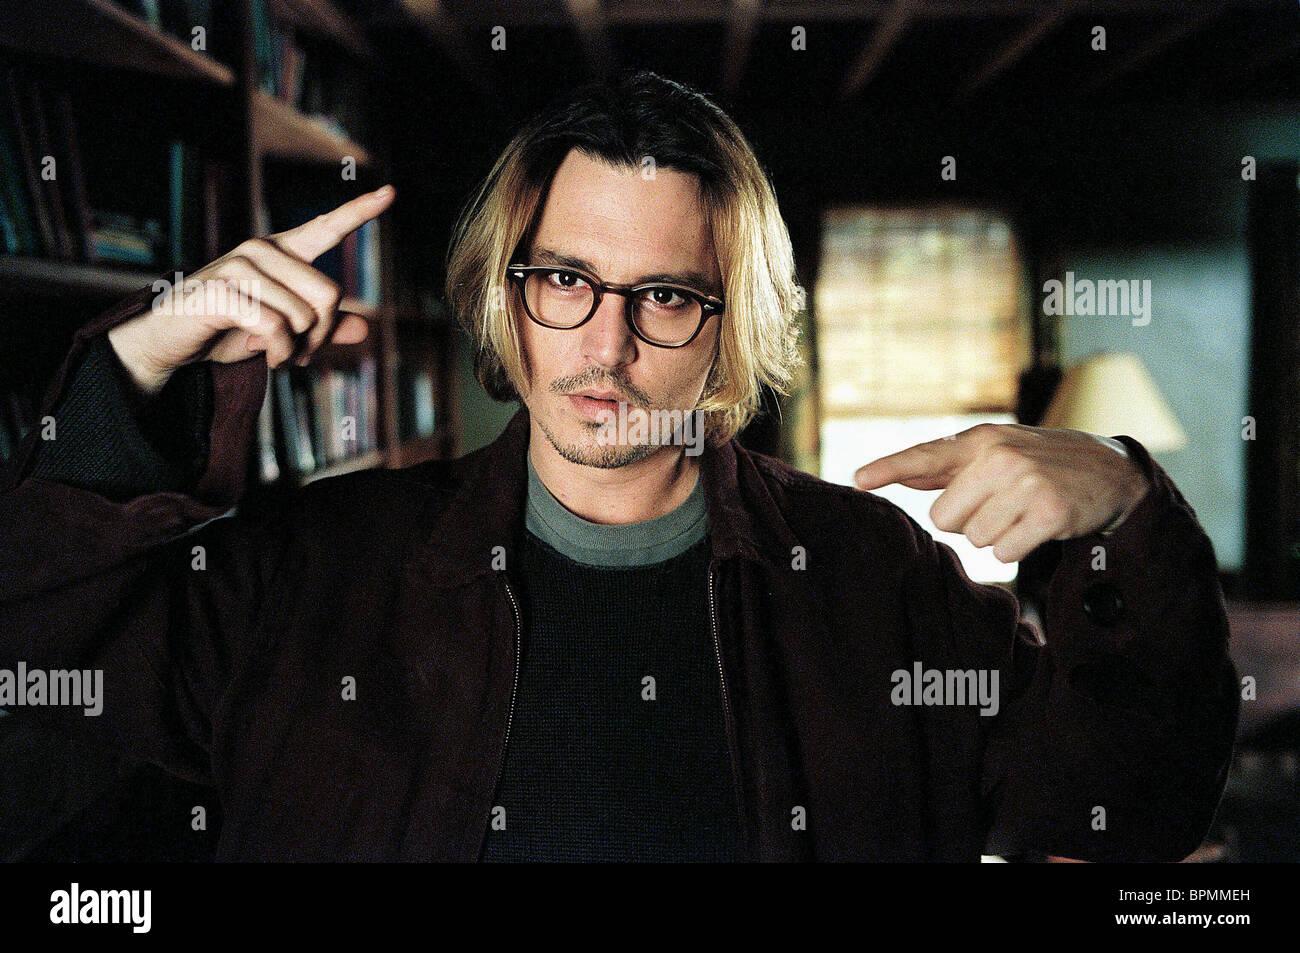 Johnny Depp La Ventana Secreta 2004 Foto Imagen De Stock